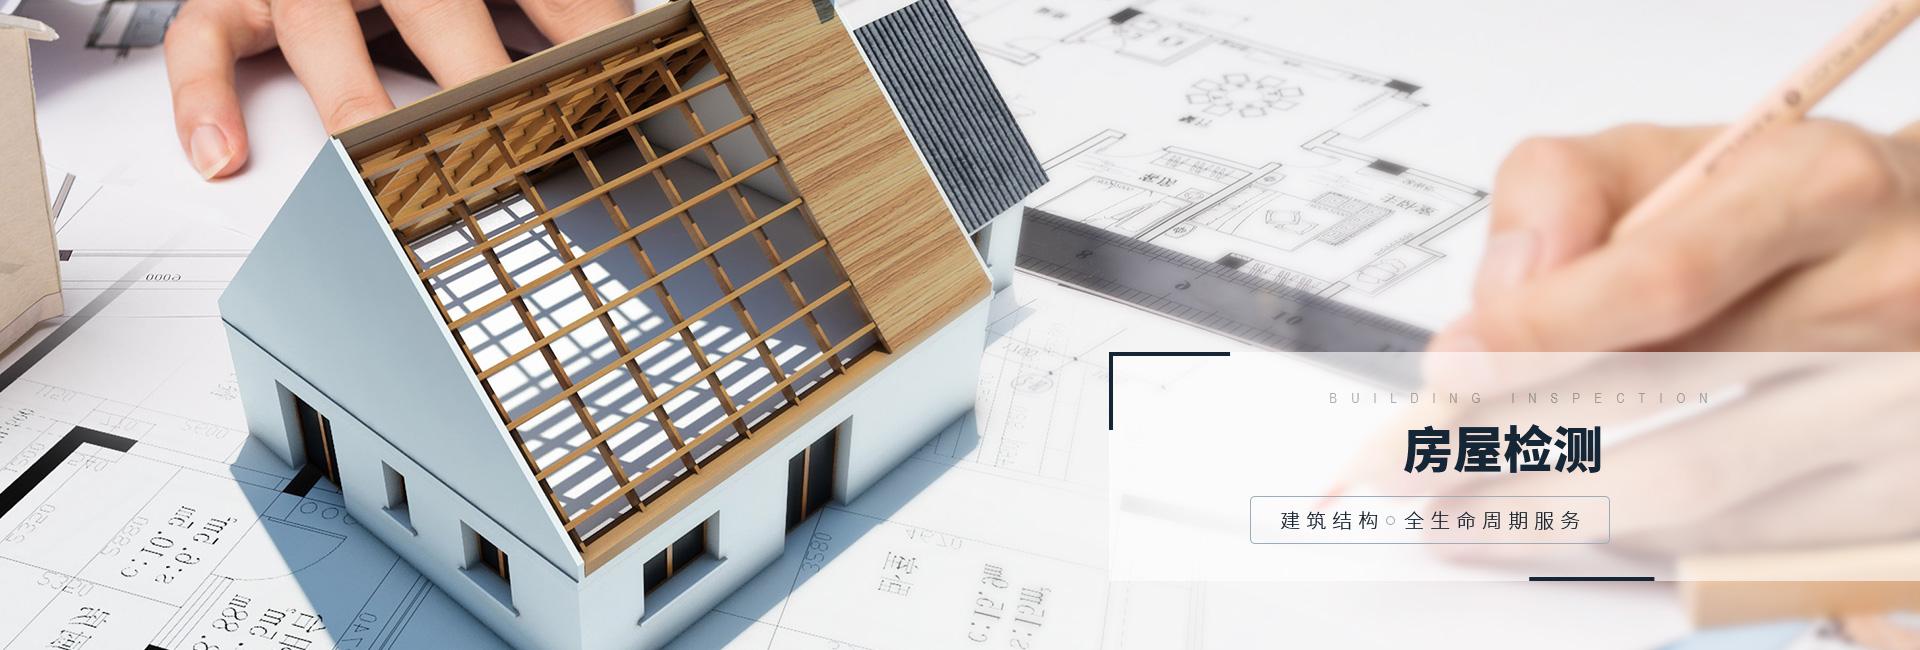 房屋检测工程